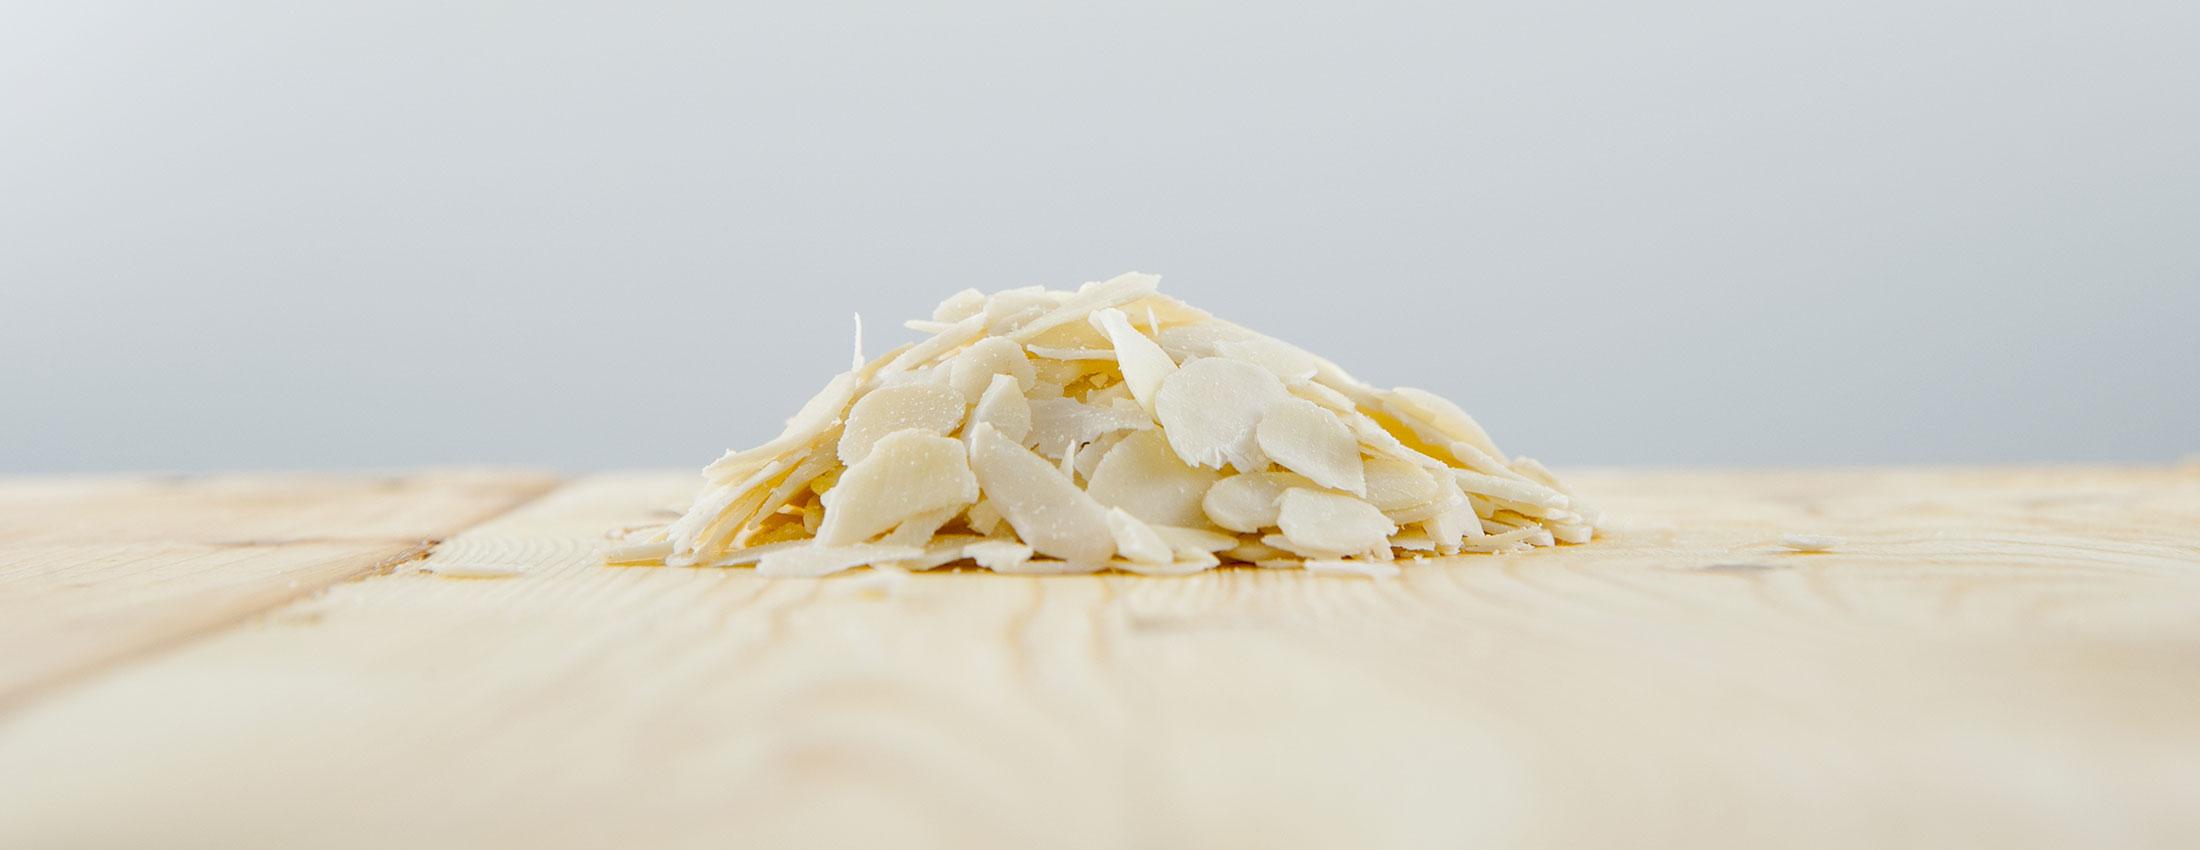 amandes tranchees blanchies biologique recette bienfaits sante origine